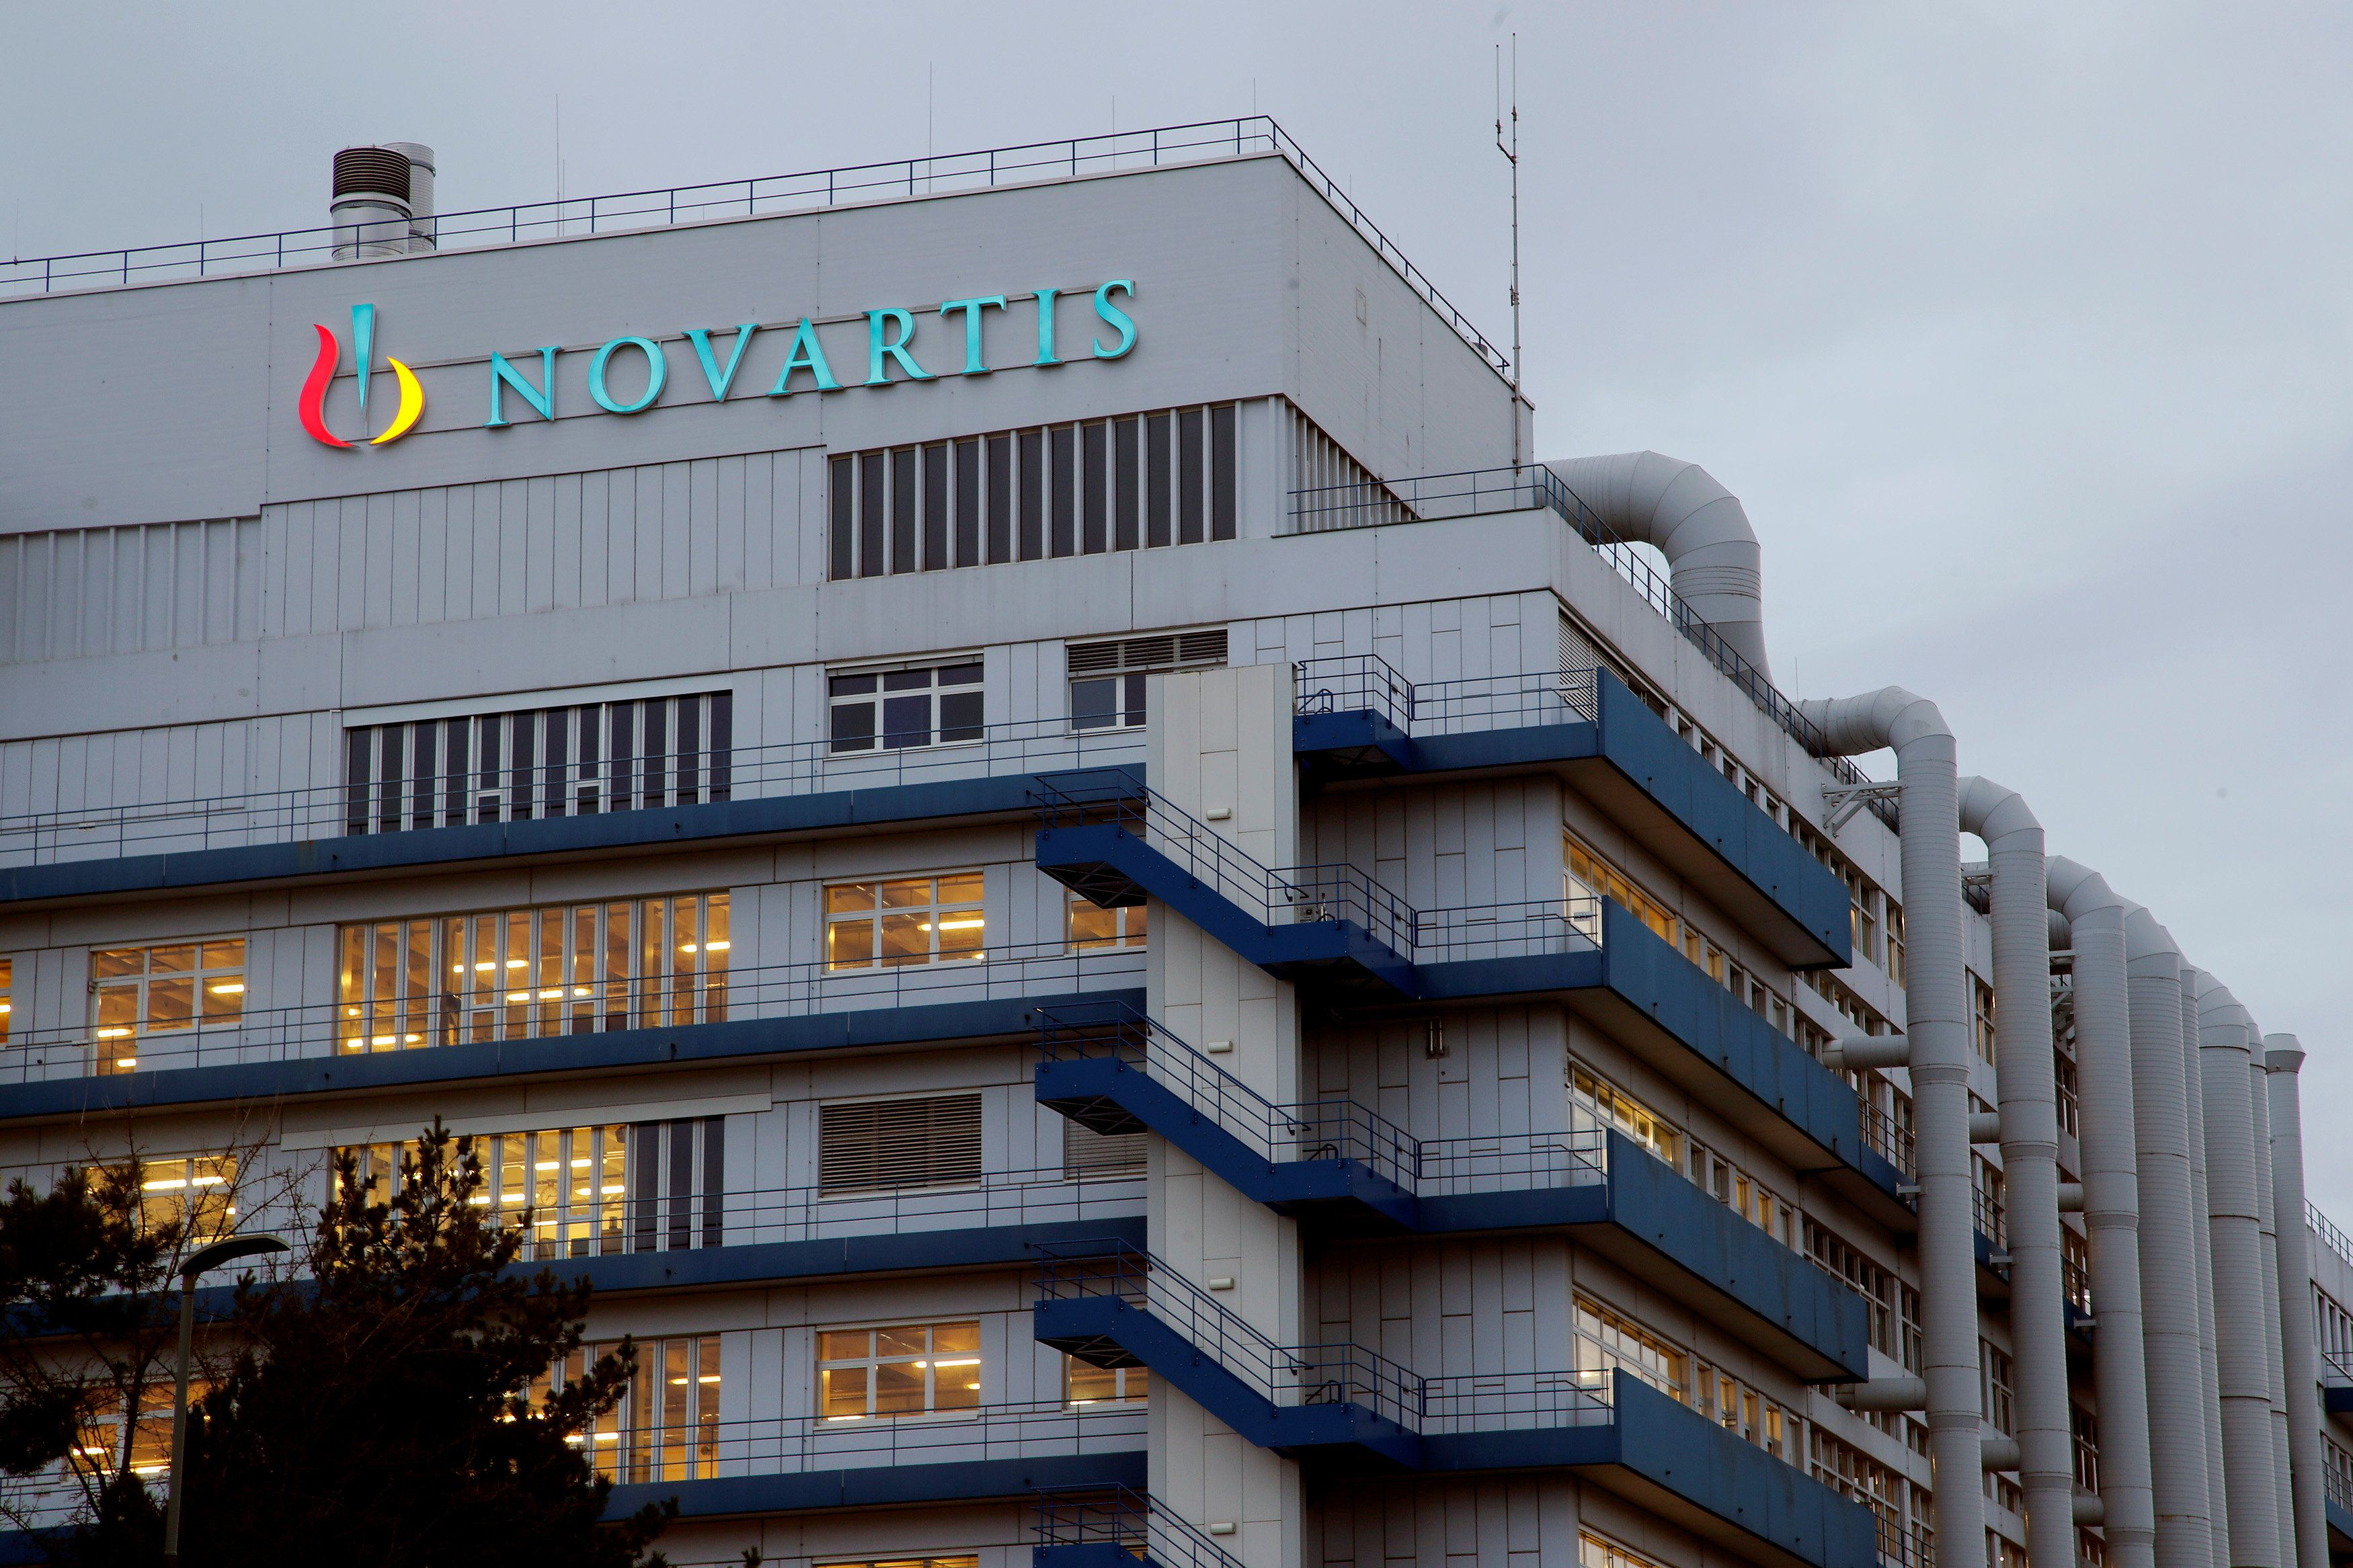 Εκτενές ρεπορτάζ του Politico για τη Novartis. «Το τεράστιο σκάνδαλο με τις φαρμακευτικές που θα κρίνει τις επόμενες